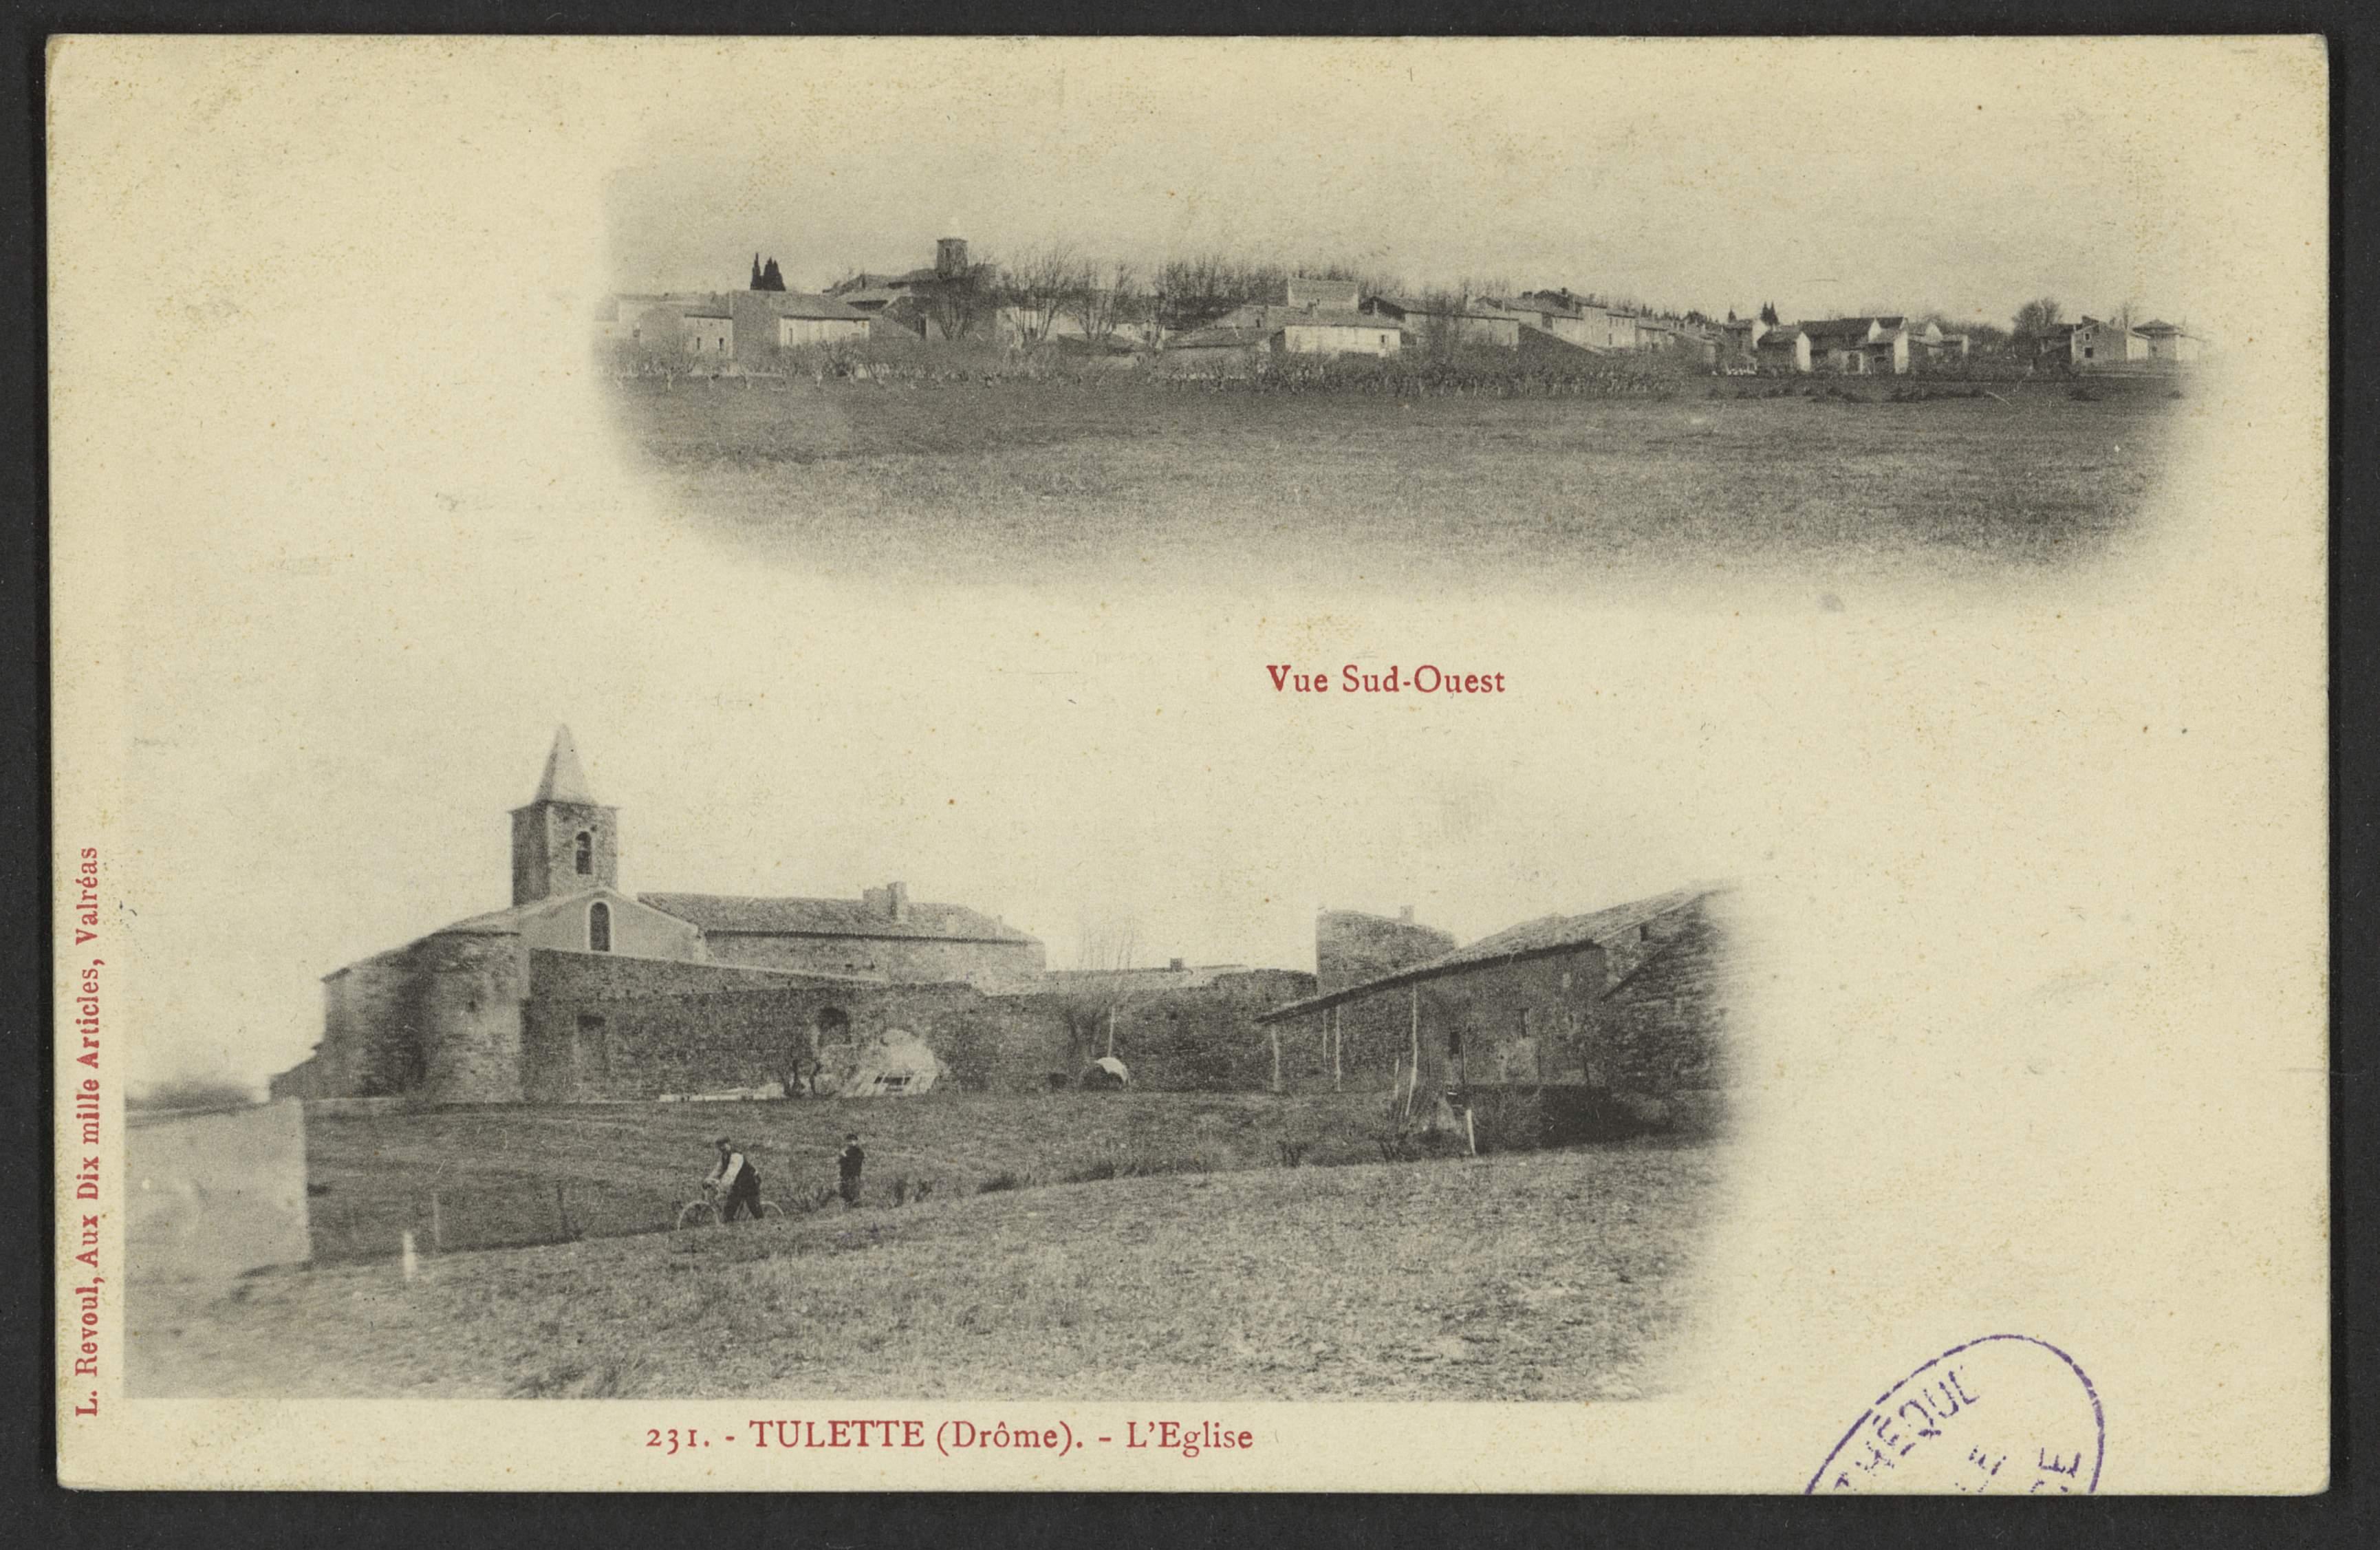 Tulette (Drôme). - L'Eglise - Vue du Sud-Ouest